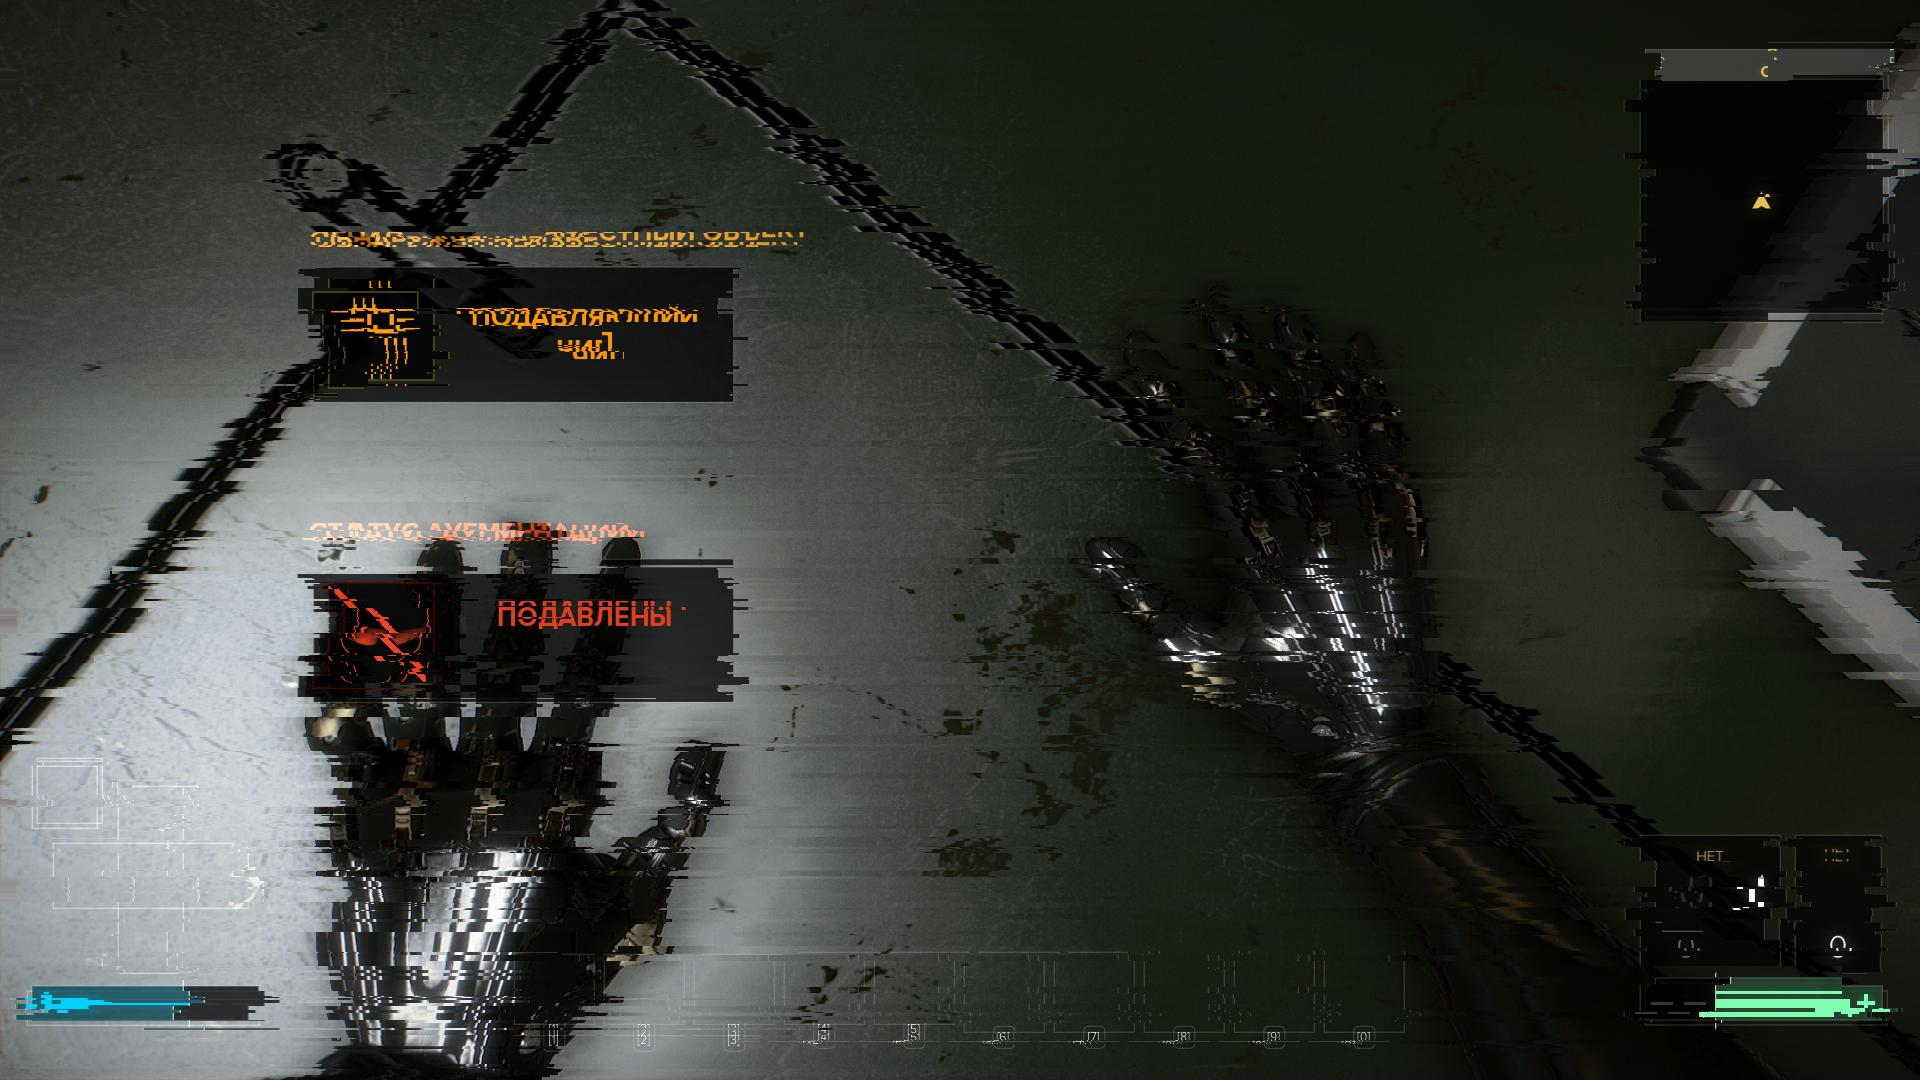 000342.Jpg - Deus Ex: Mankind Divided